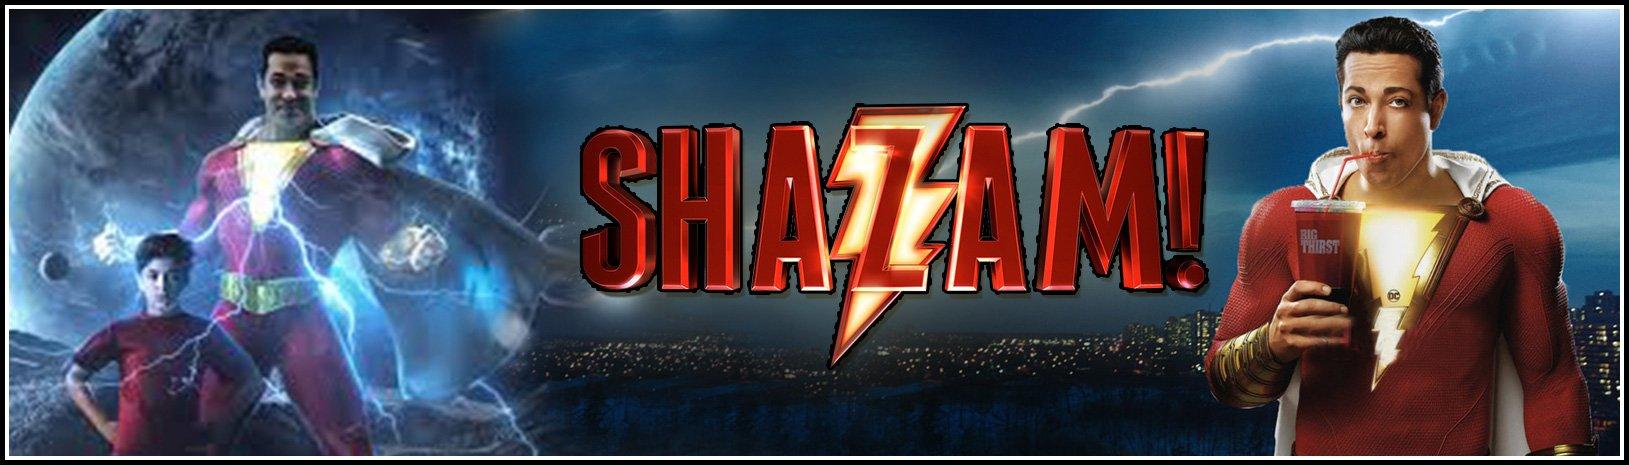 Shazam Shop Shazam Jackets Collection